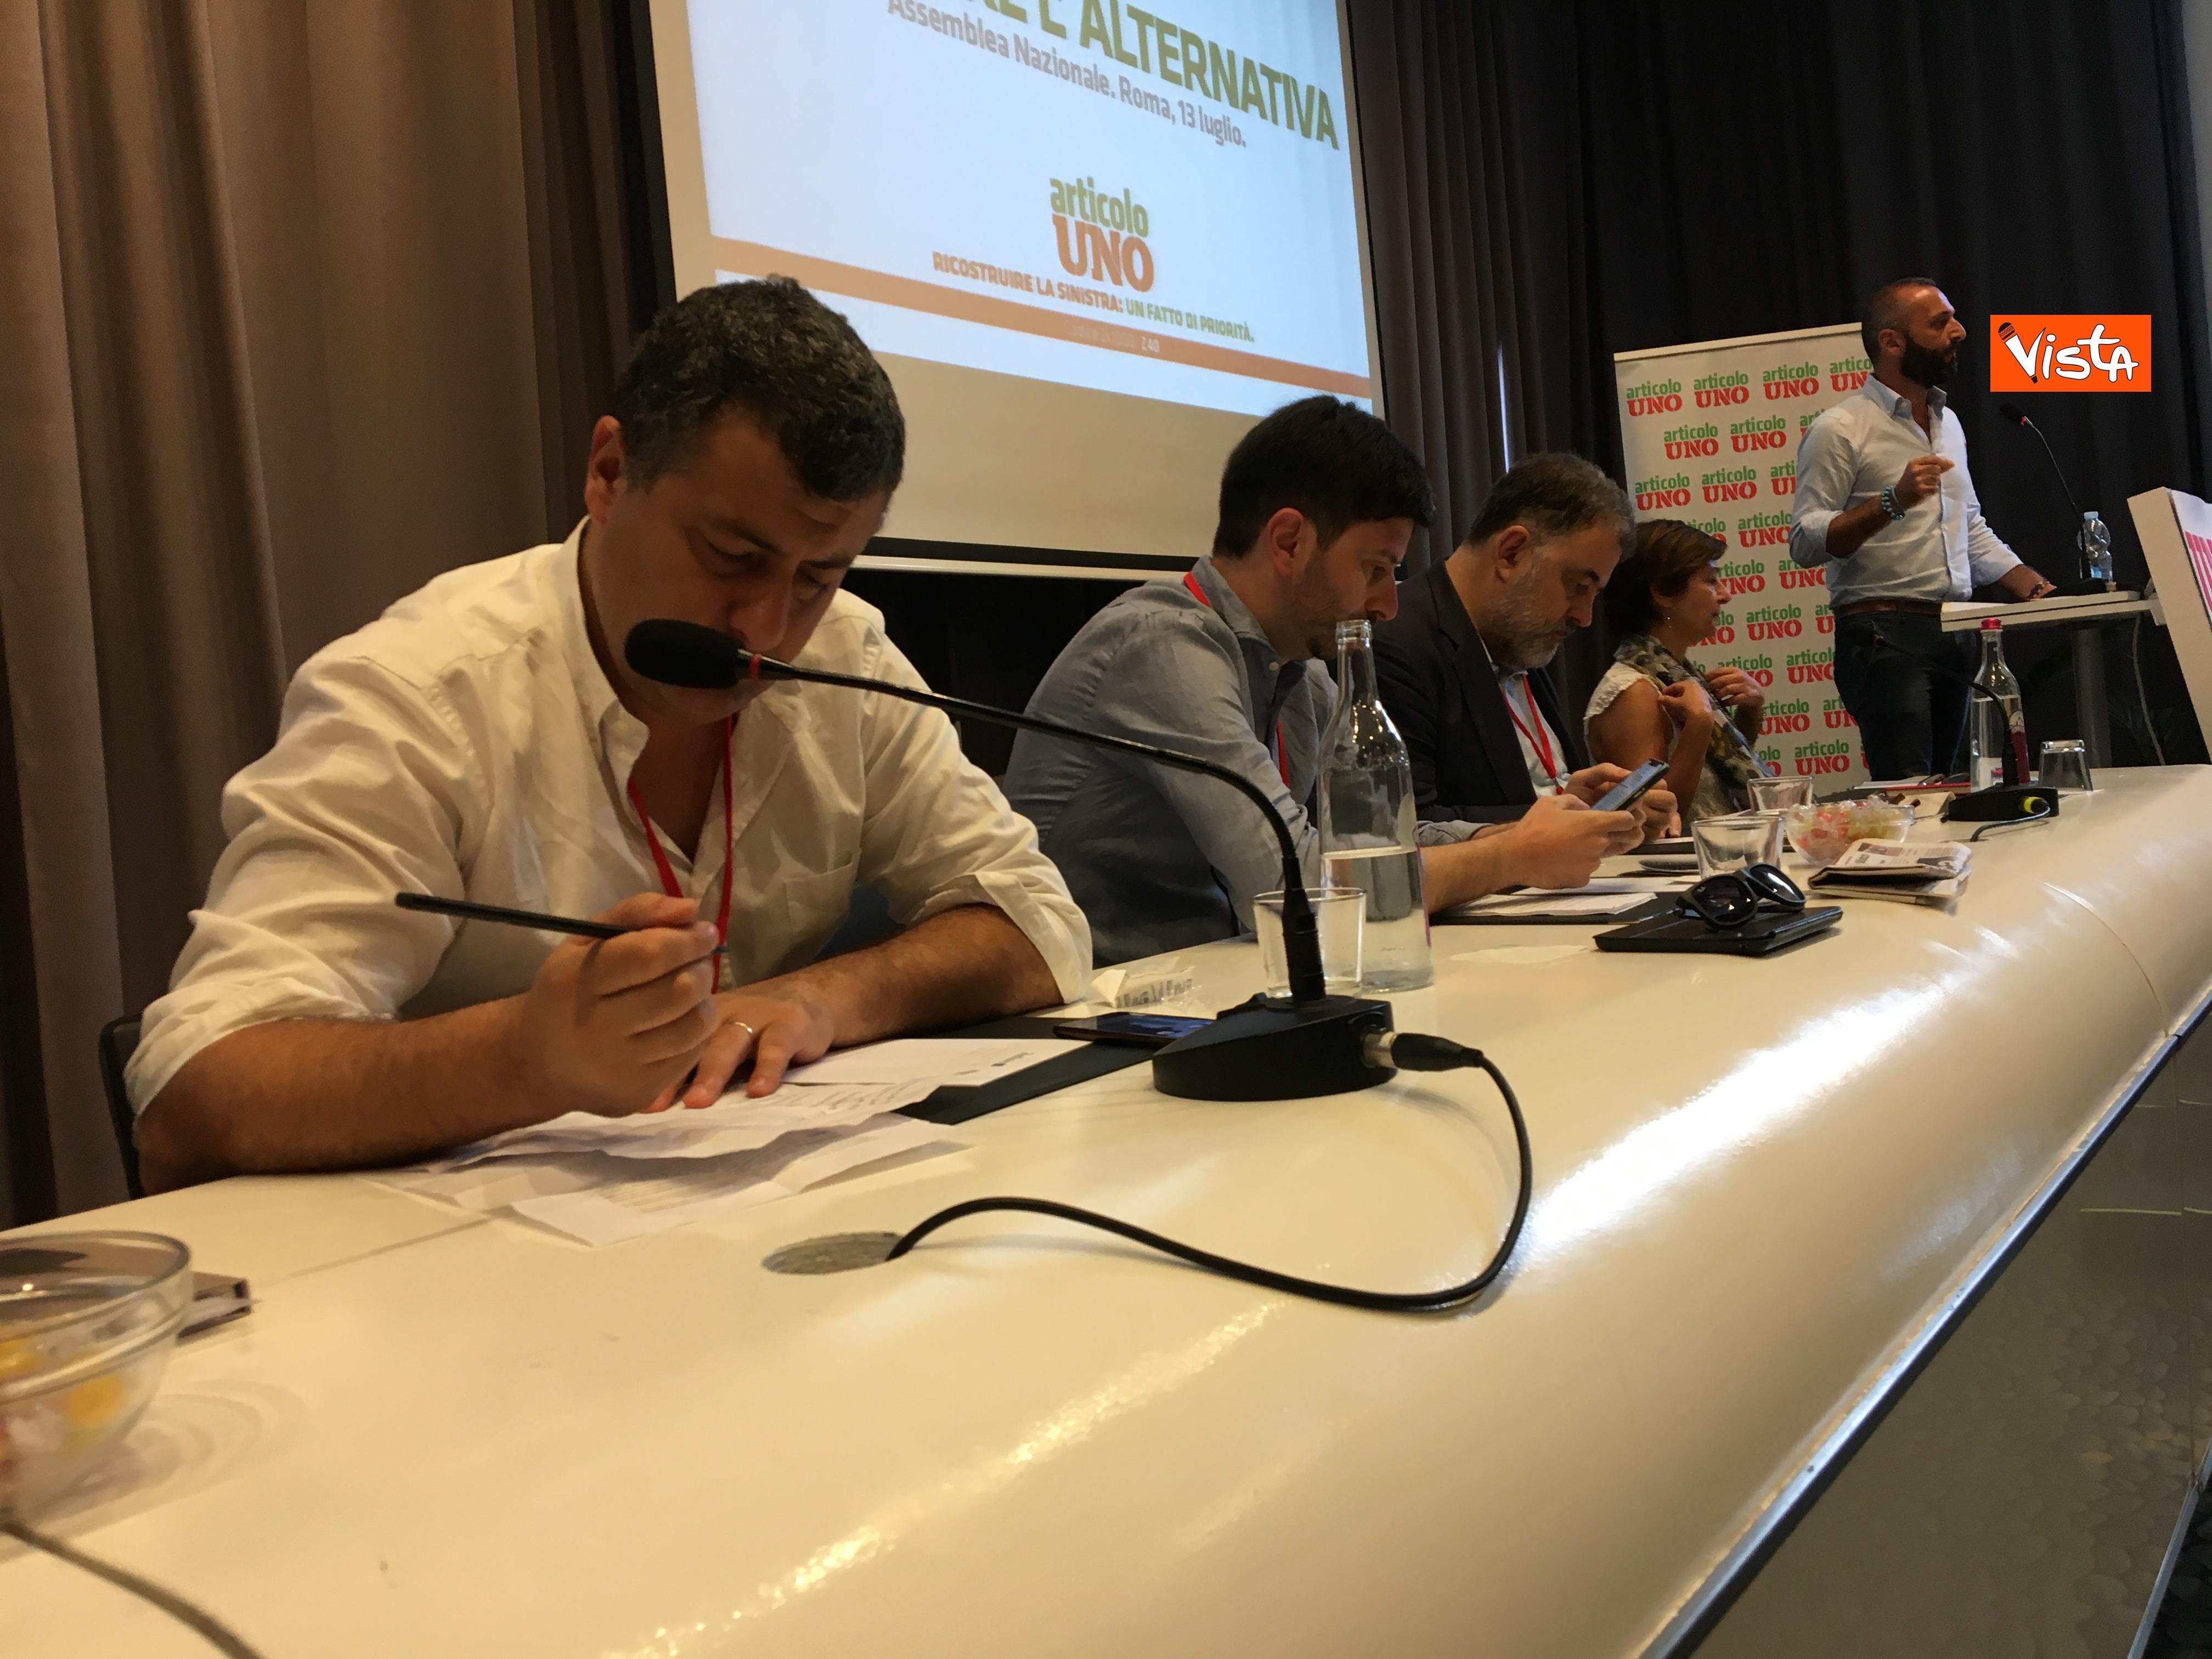 13-07-19 Articolo Uno l Assemblea nazionale a Roma immagini_In primo piano Arturo Scotto 08